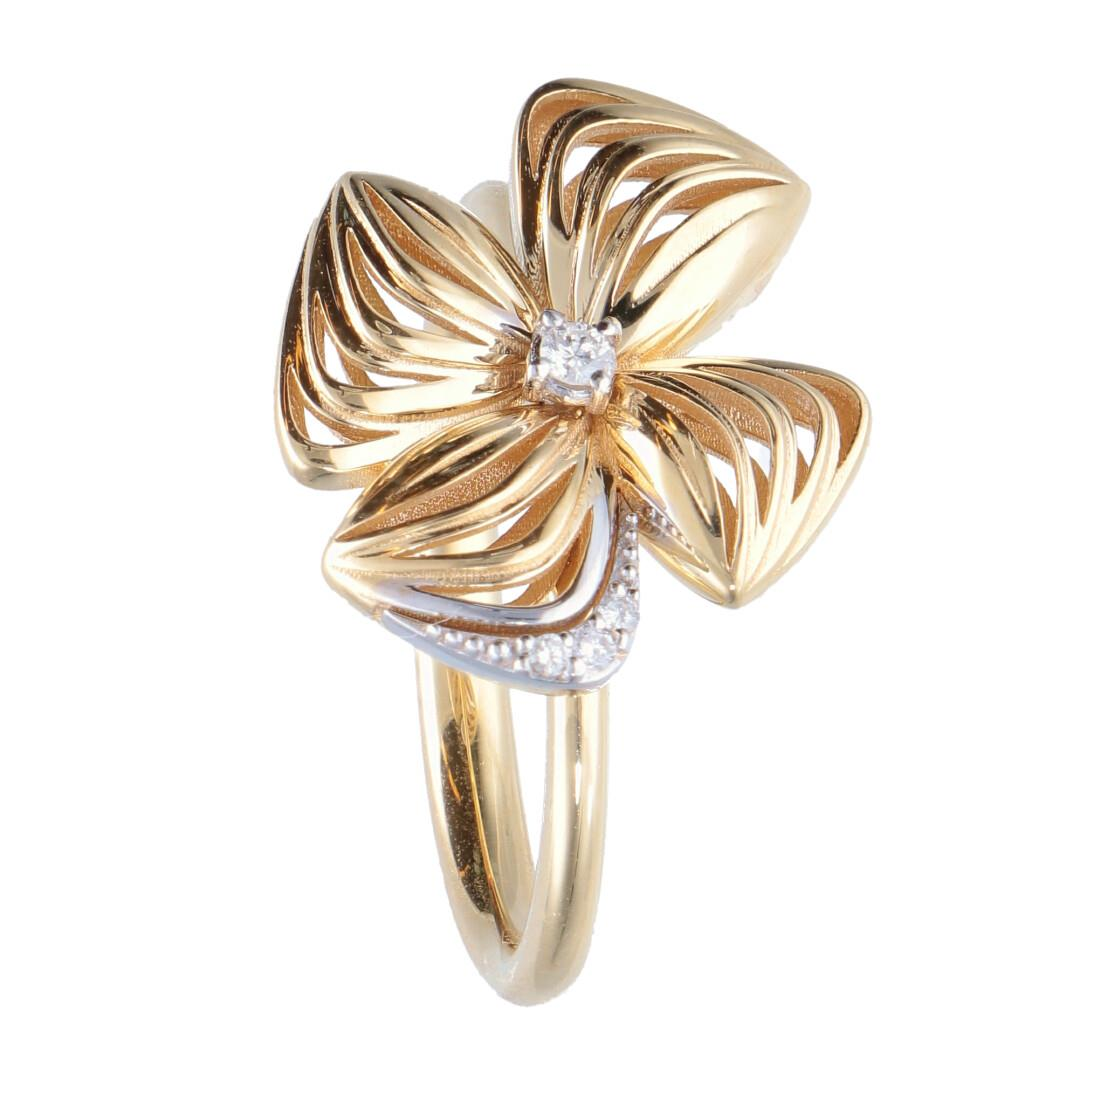 Anello design fiore con diamanti - ALFIERI & ST. JOHN